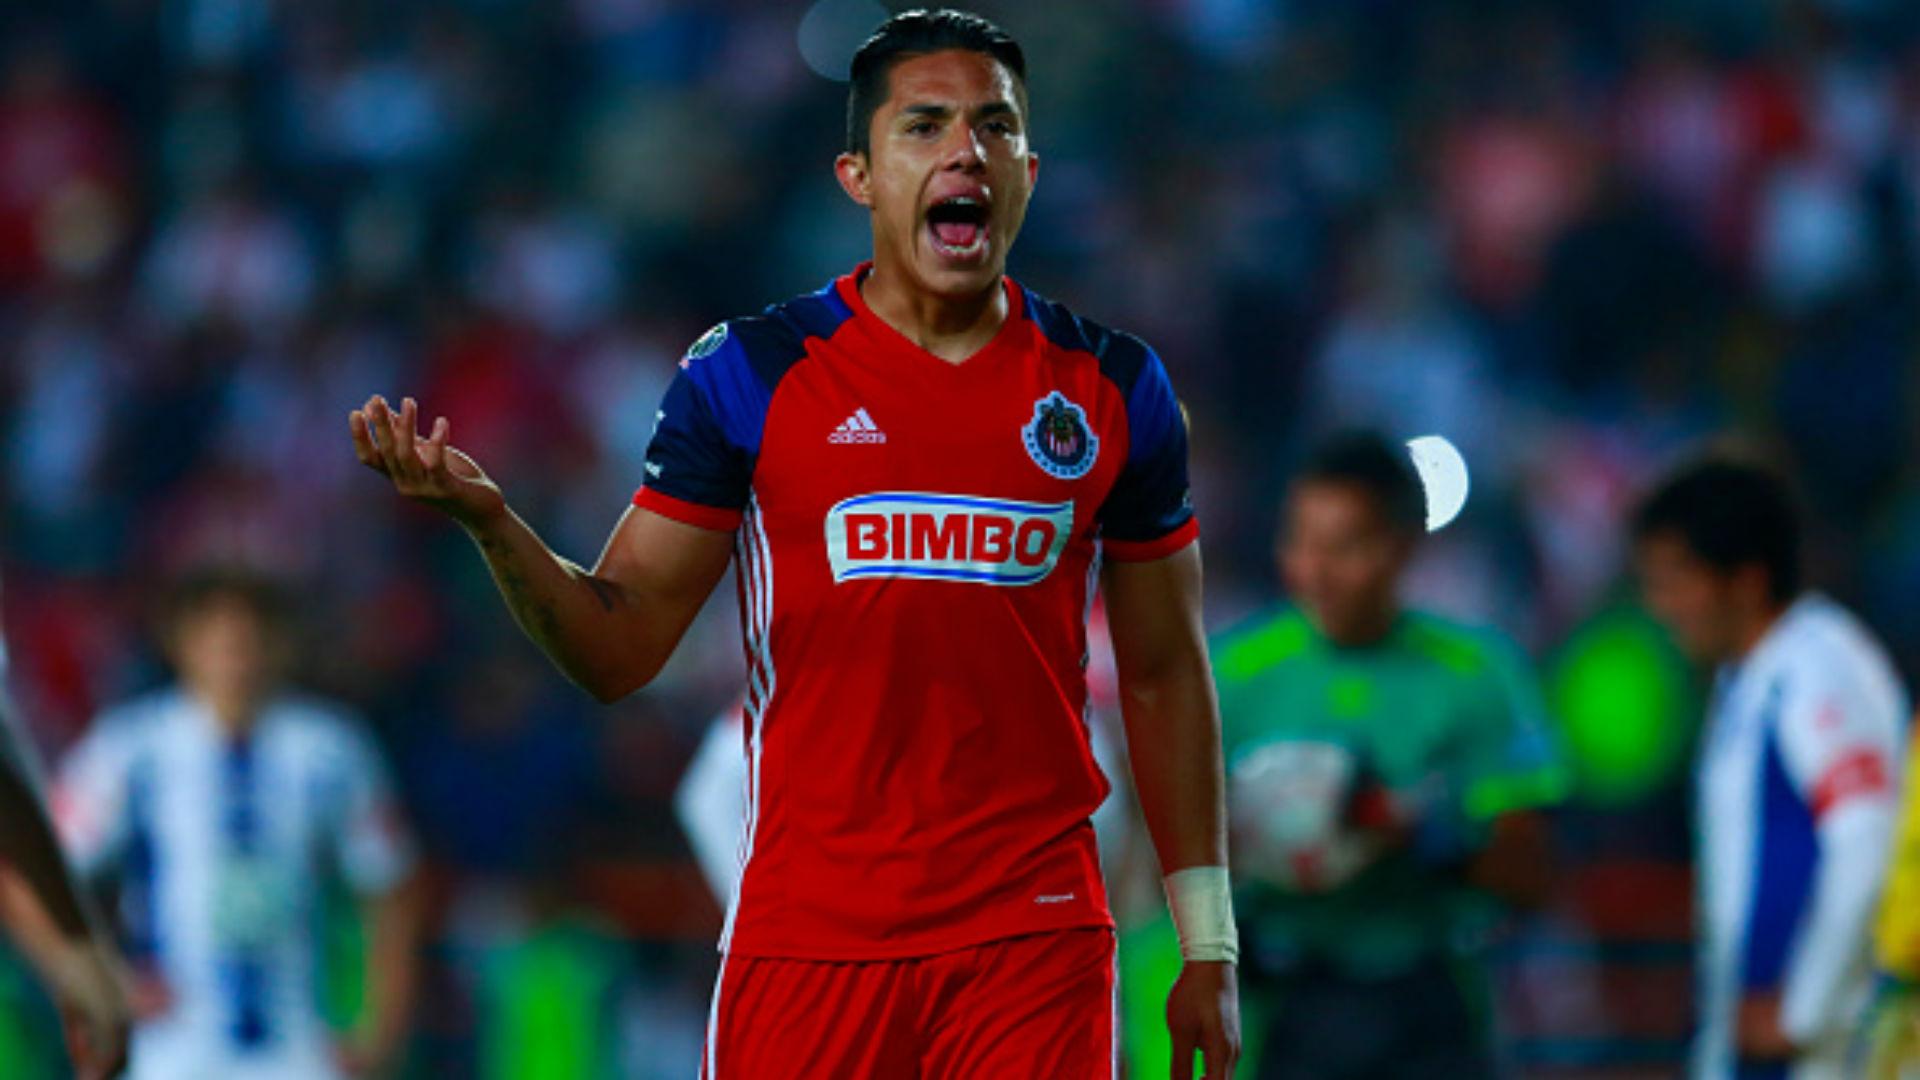 Salcedo: